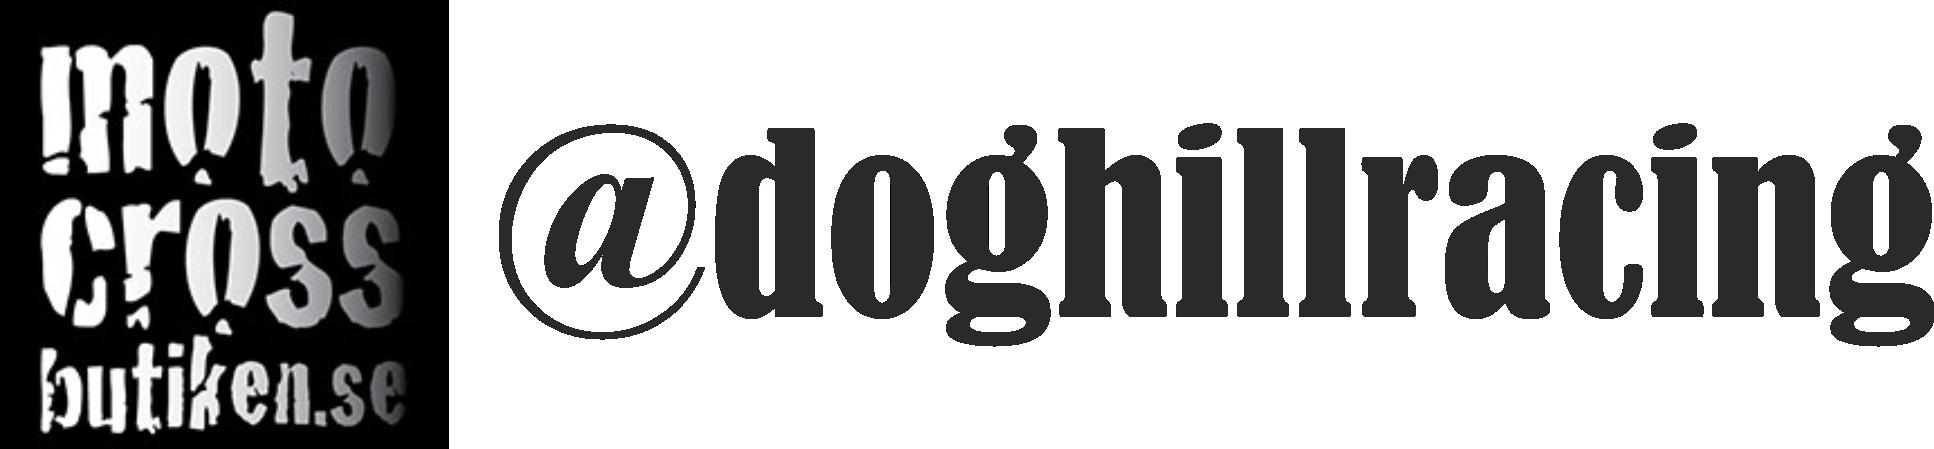 Doghill Racing - motocrossbutiken.se